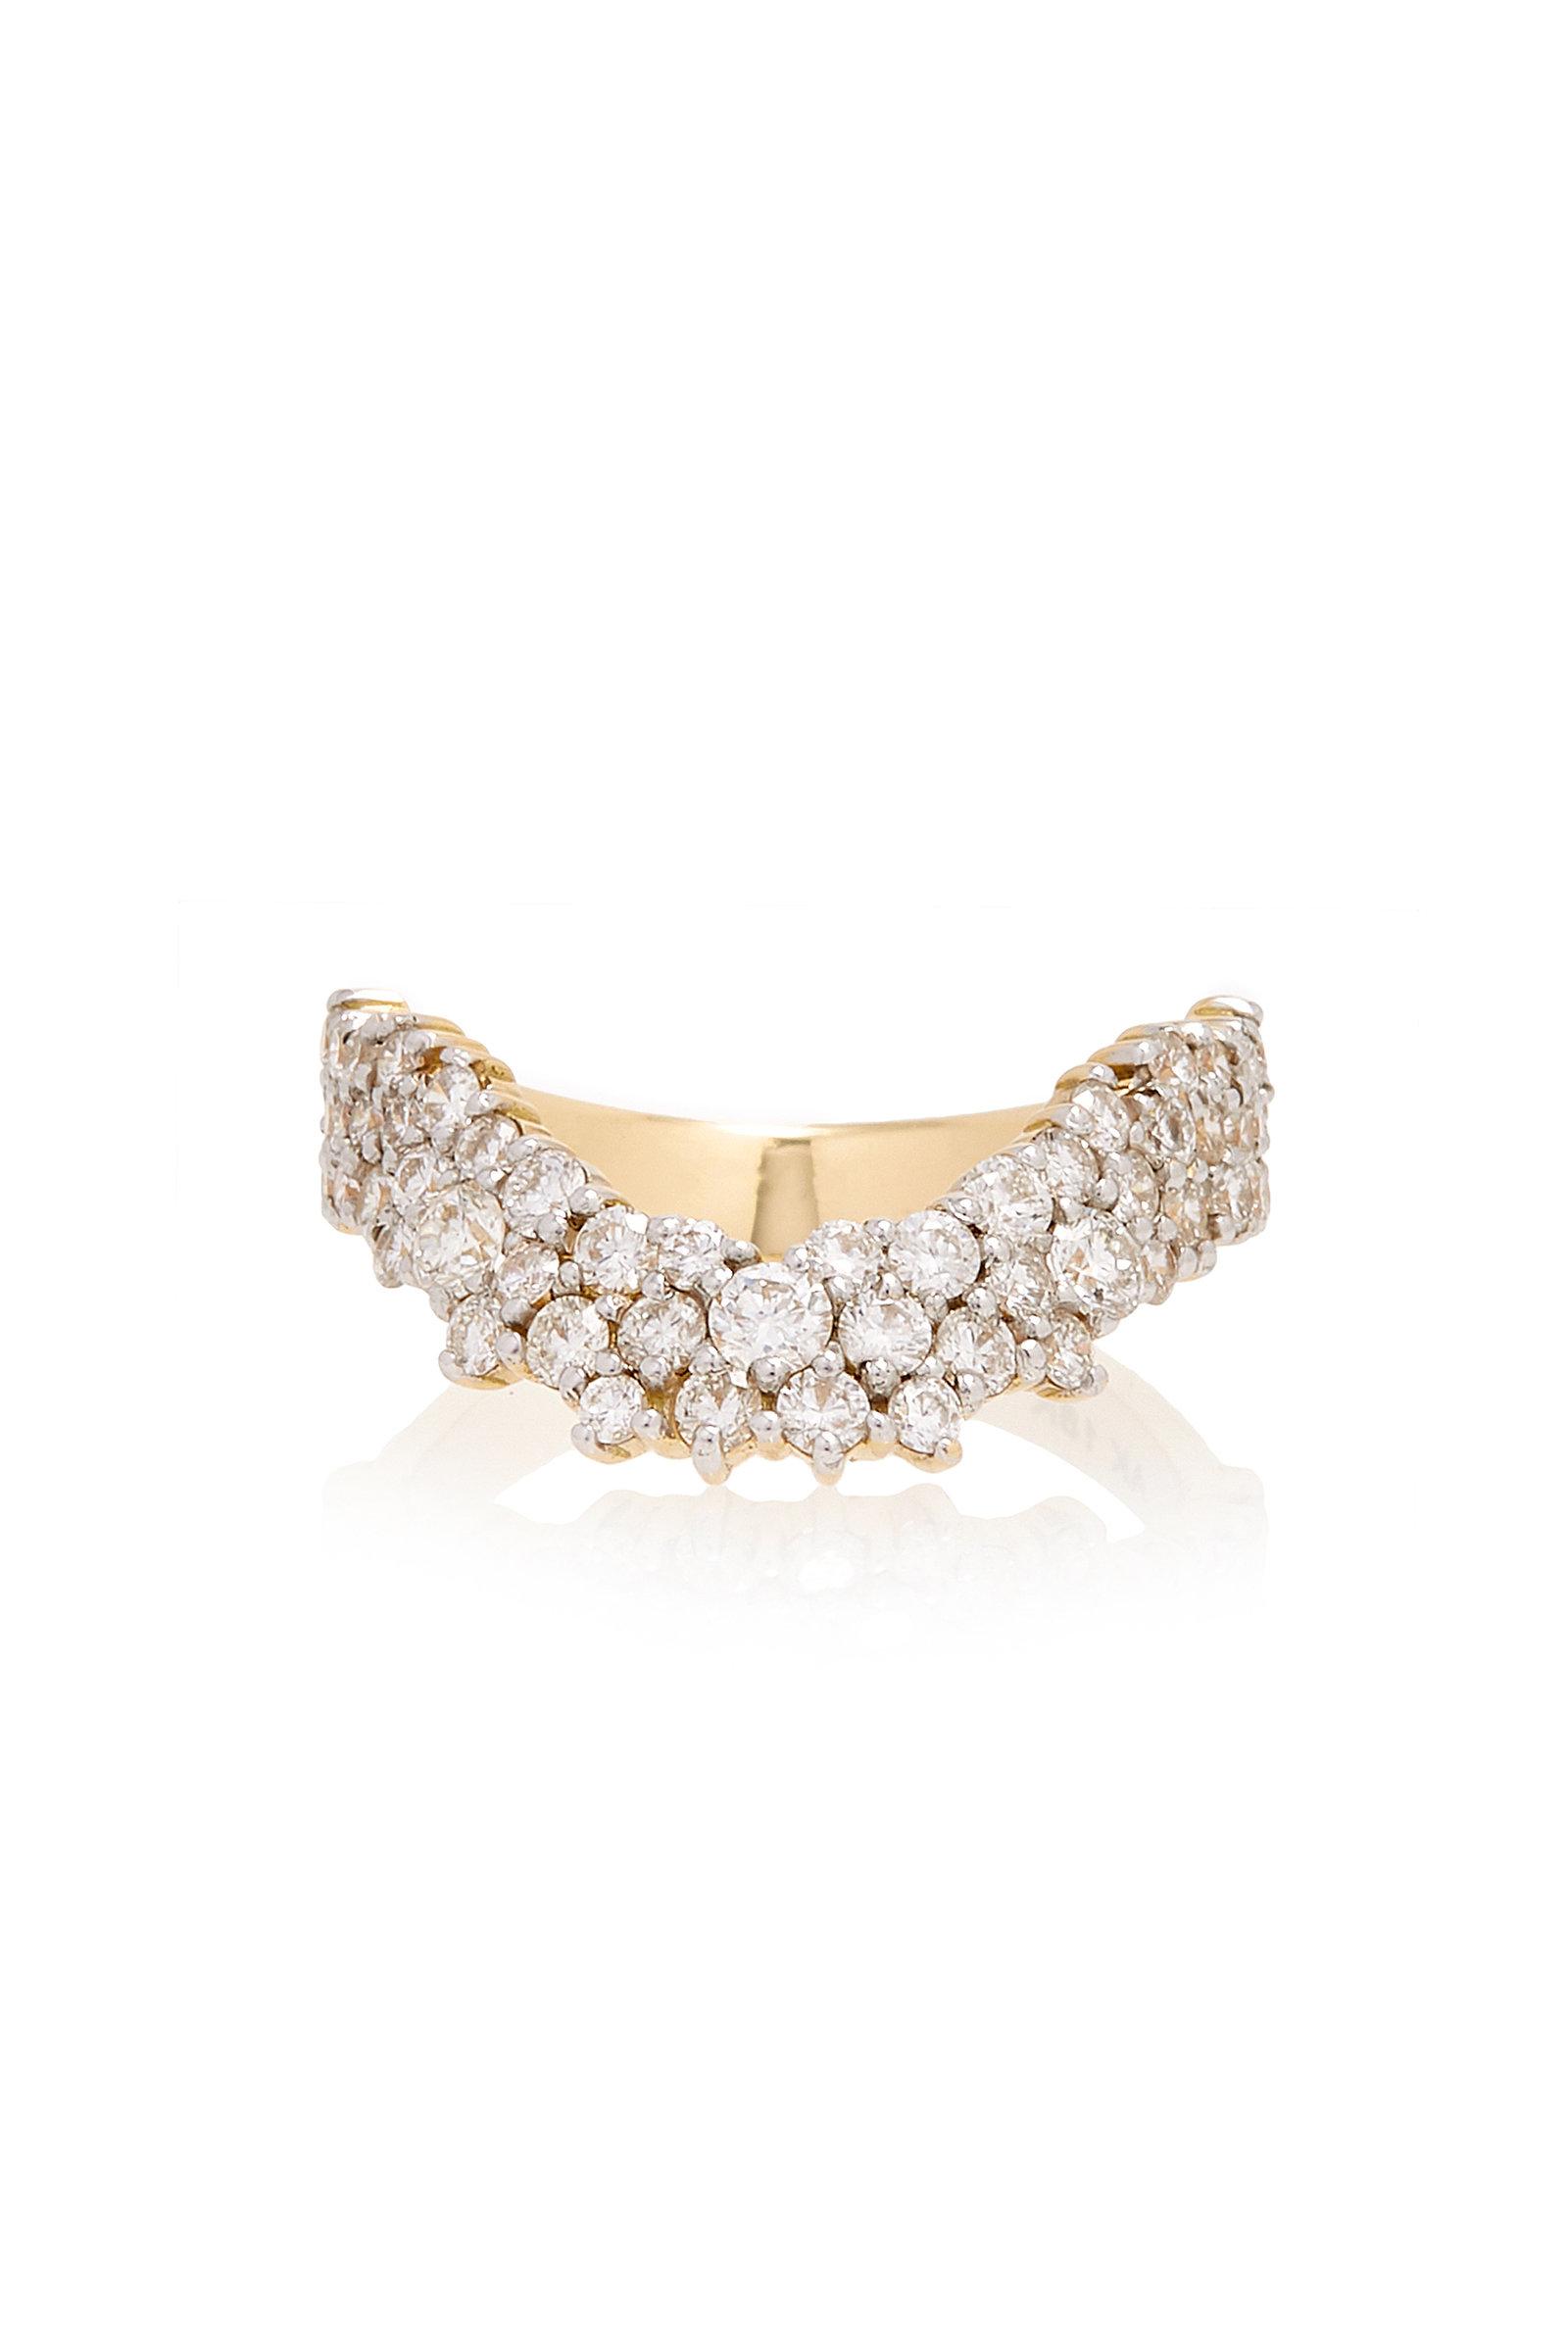 ANA KHOURI DIAMOND SIMPLICITY RING